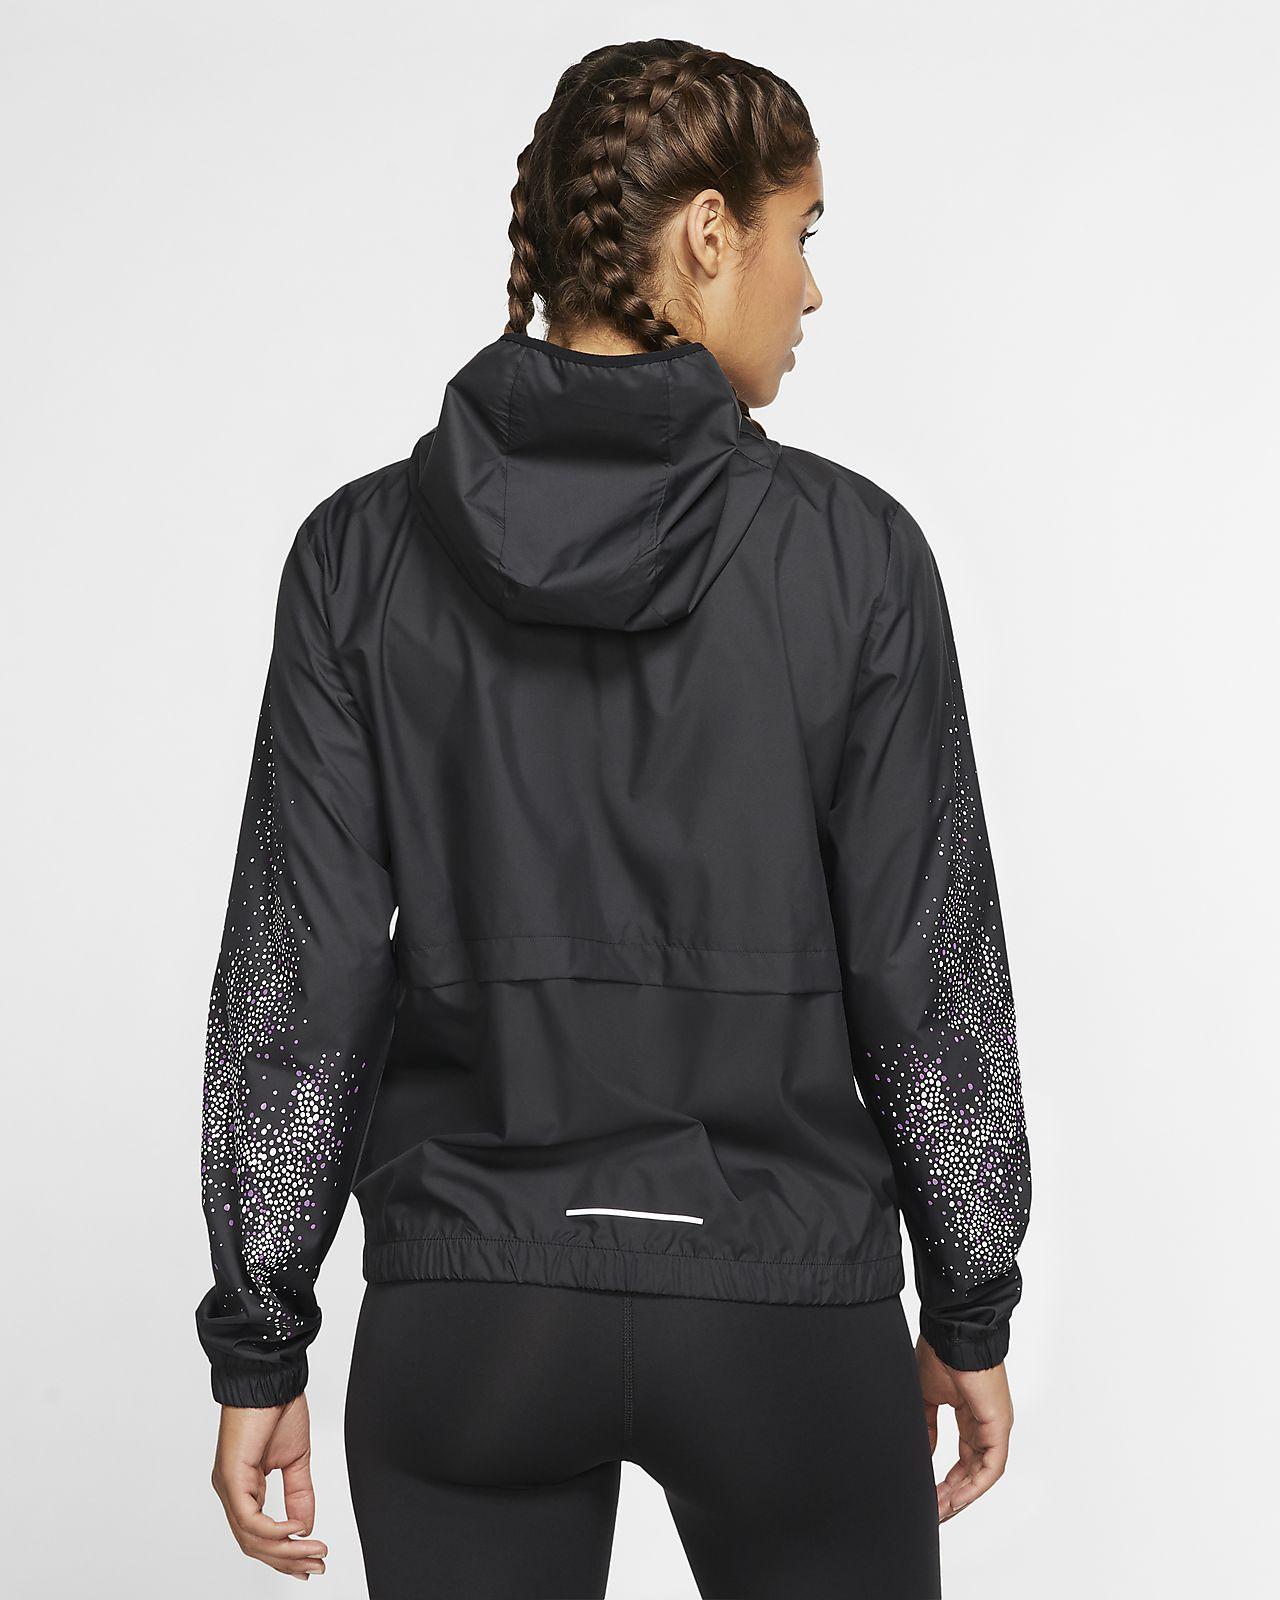 Nike Essential løpejakke med hel glidelås til dame